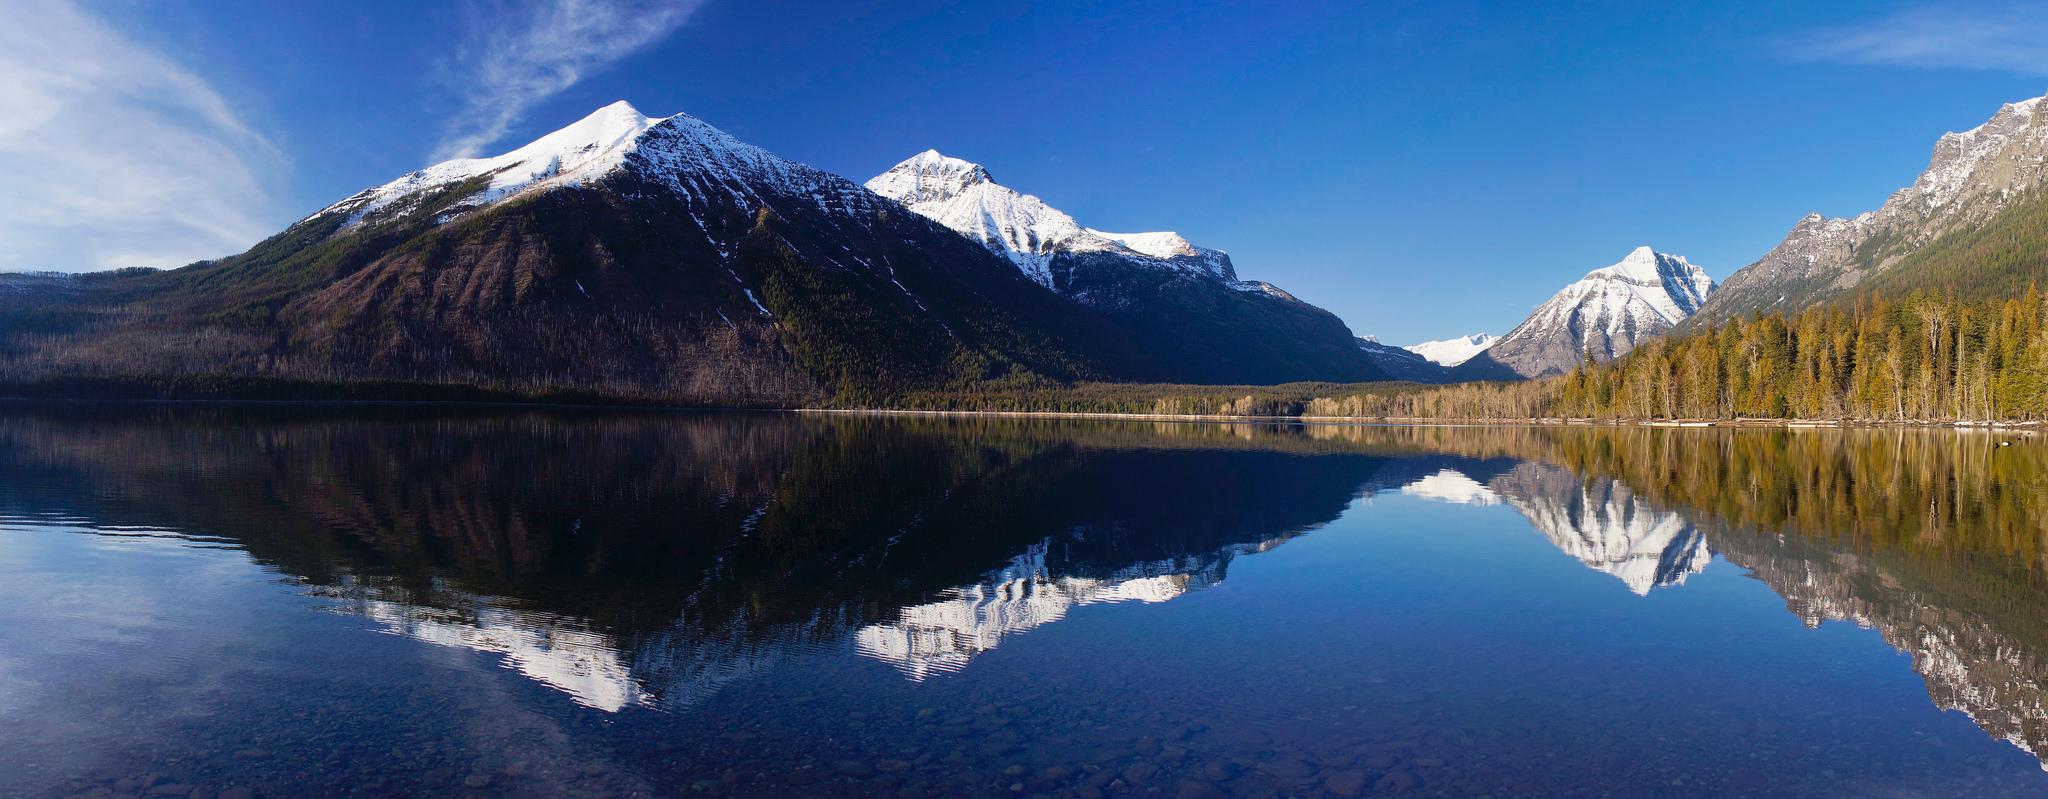 Lake McDonald Backgrounds, Compatible - PC, Mobile, Gadgets| 2048x799 px